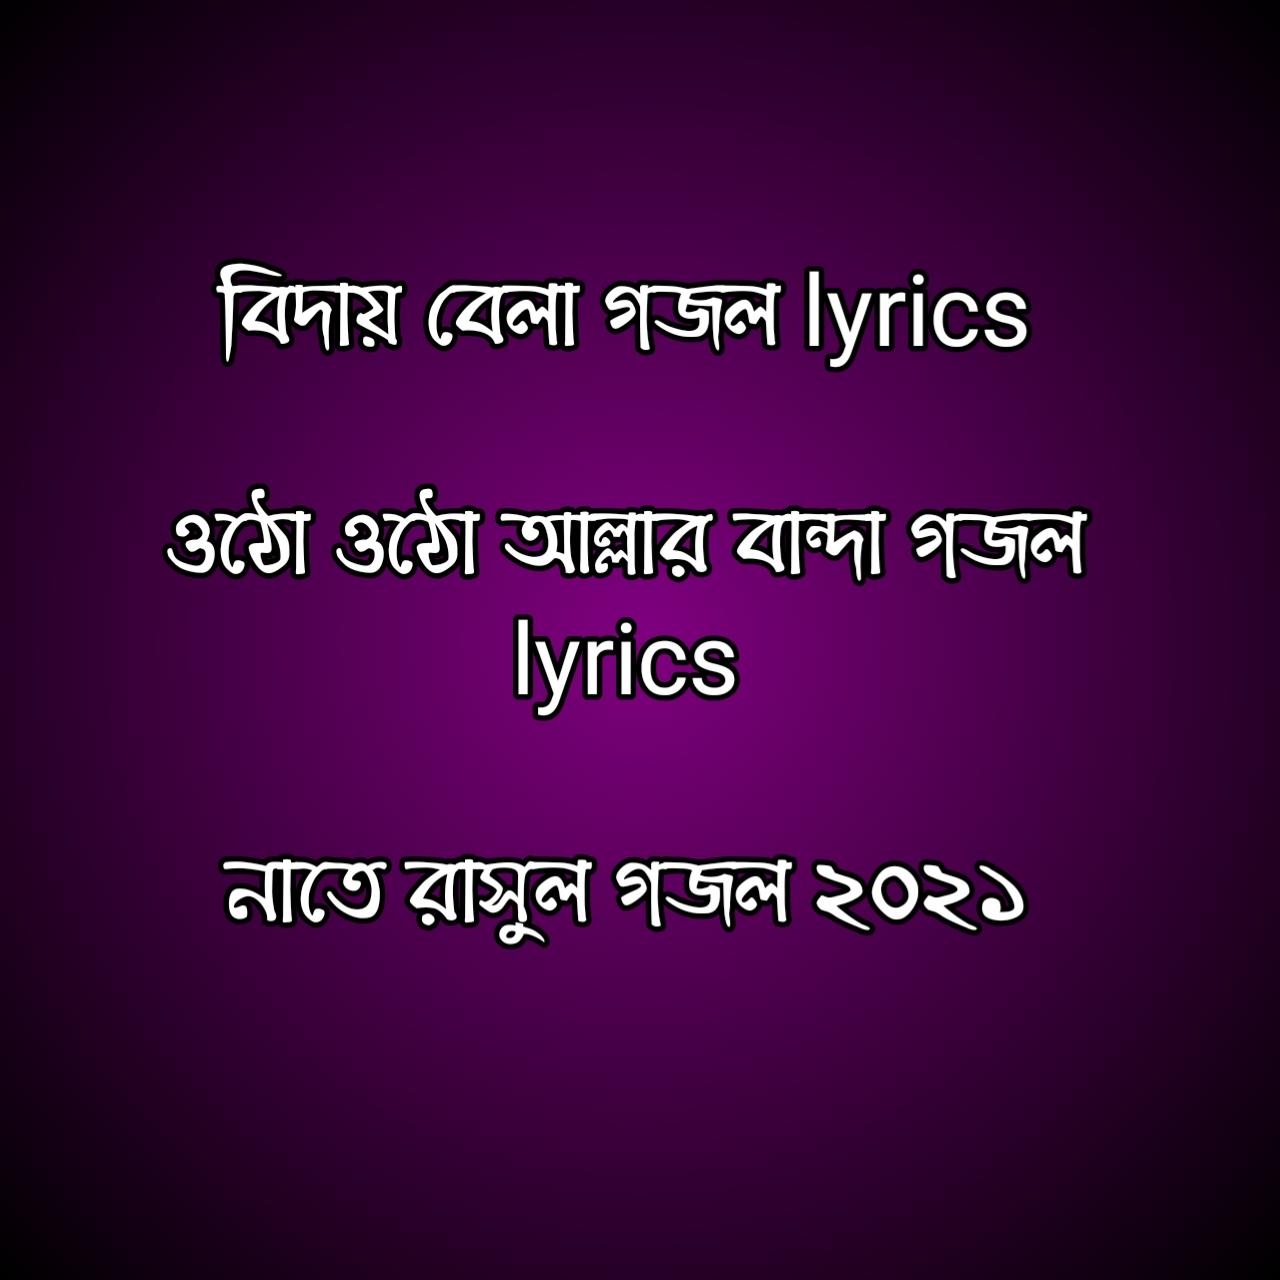 বিদায় বেলা গজল lyrics, ওঠো ওঠো আল্লার বান্দা গজল lyrics, নাতে রাসুল গজল ২০২১